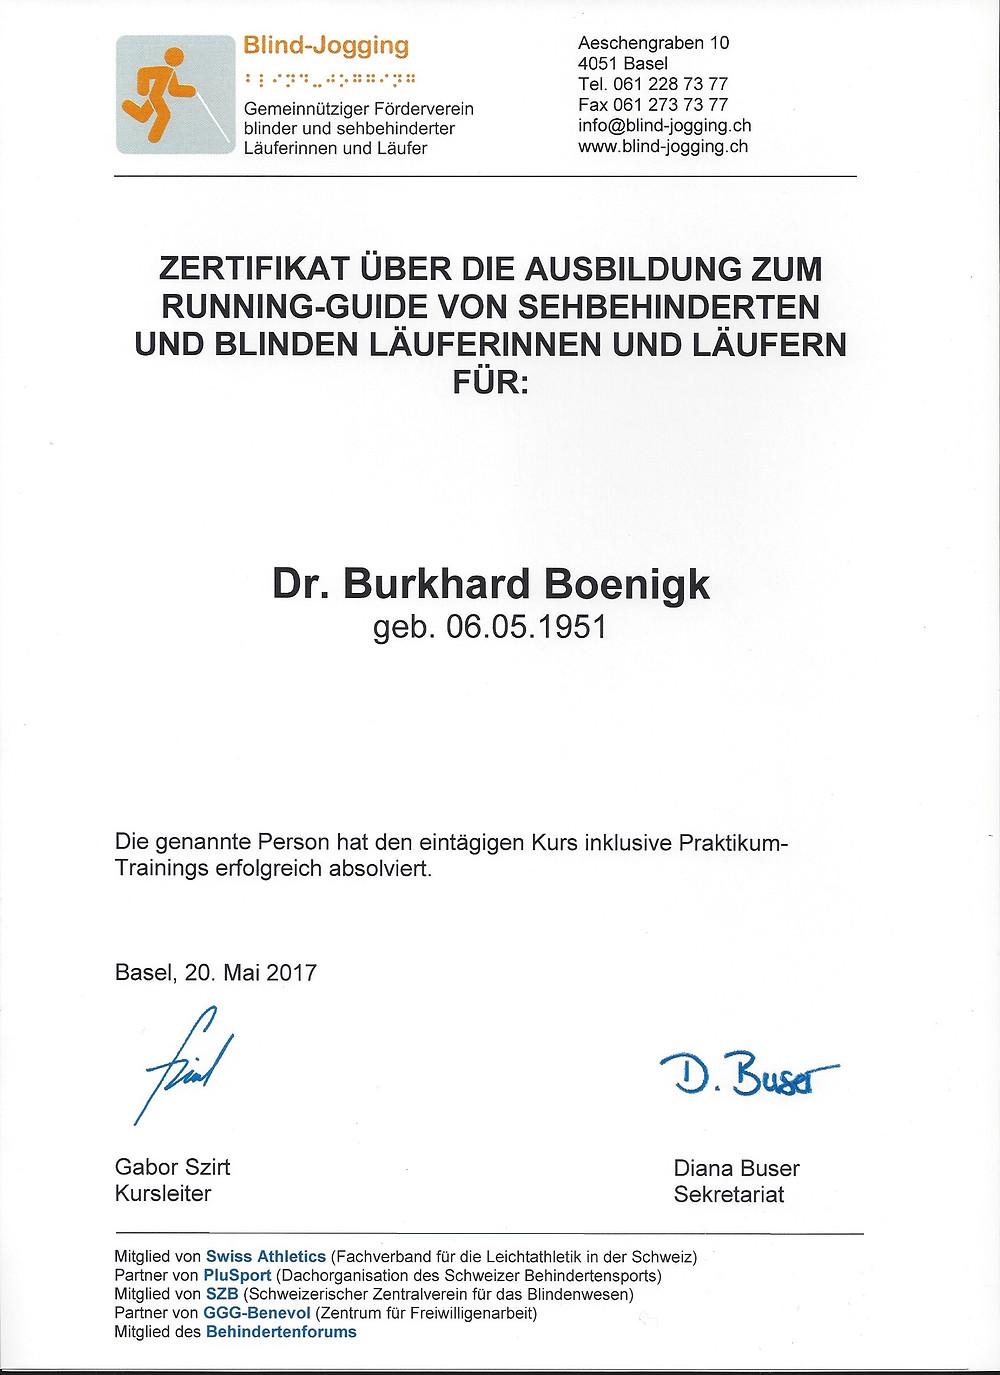 Laufinstinkt+® Augsburg - Dr. Burkhard Boenigk - Blind-Jogging-Guide Zertifikat